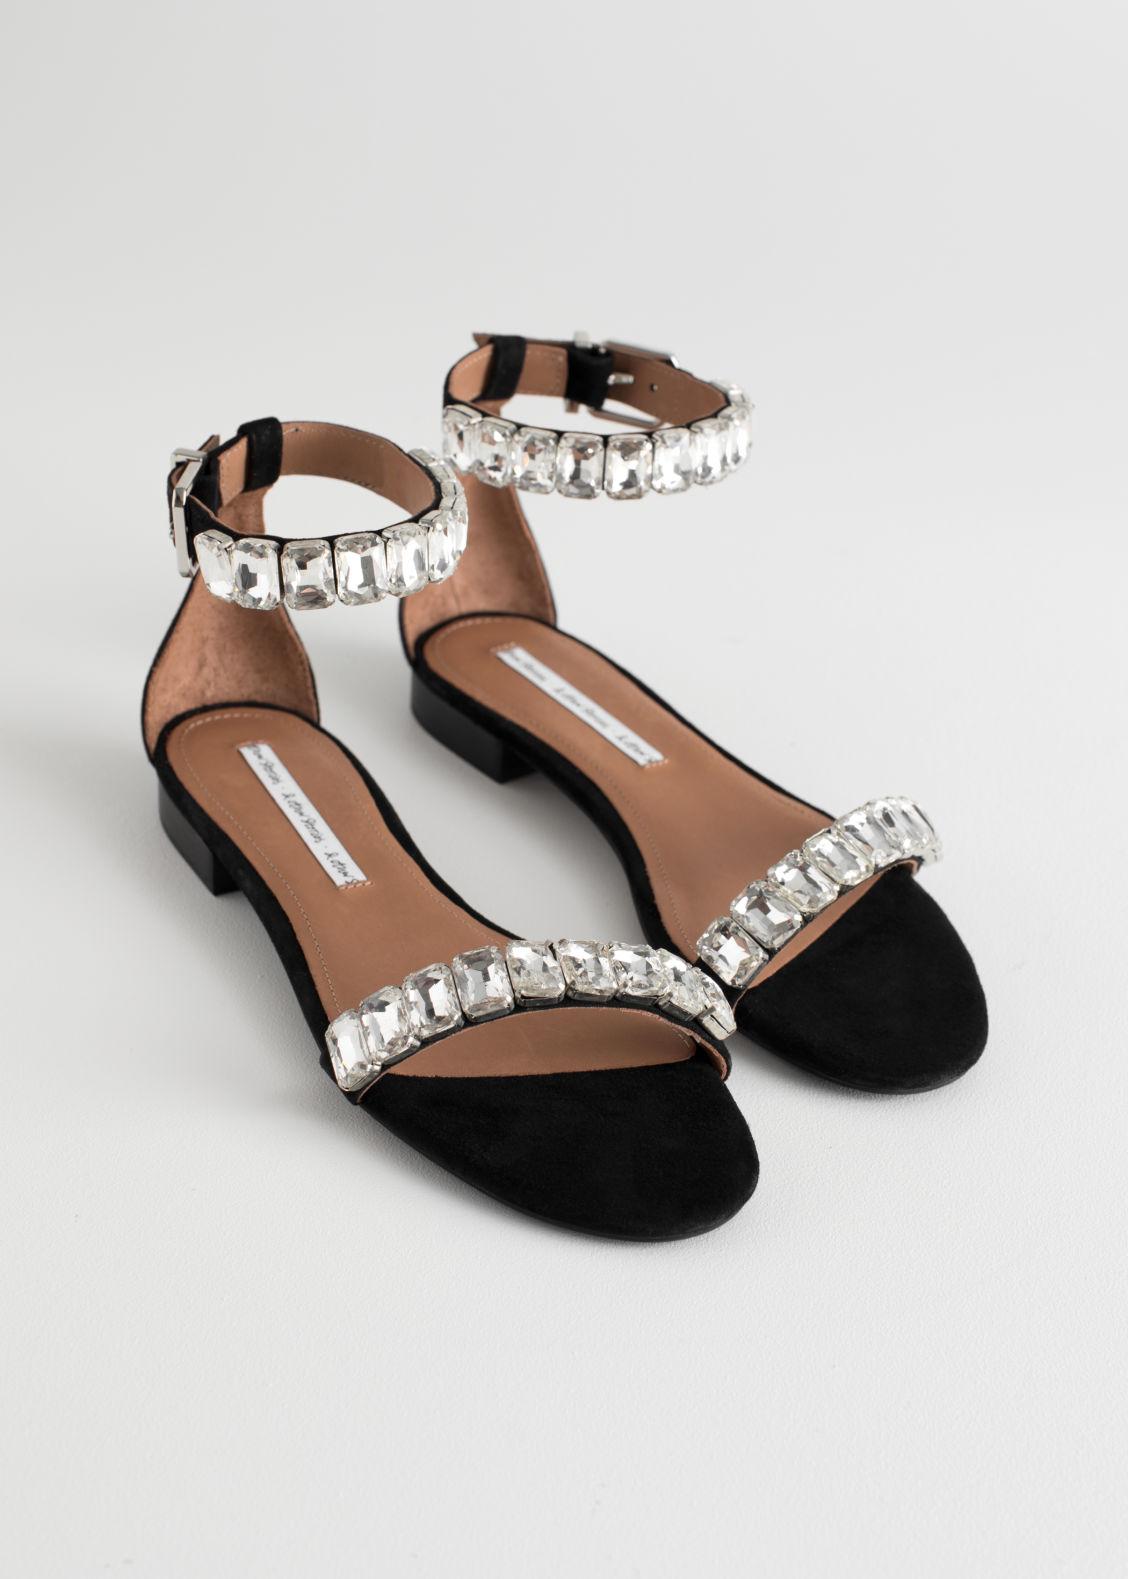 Descuento Mejor & OTHER STORIES Jewelled Strappy Sandals - Black Venta en línea Perfecto para la venta Compre unisex a estrenar barato Venta barata que busca 7qVIfNwHiw